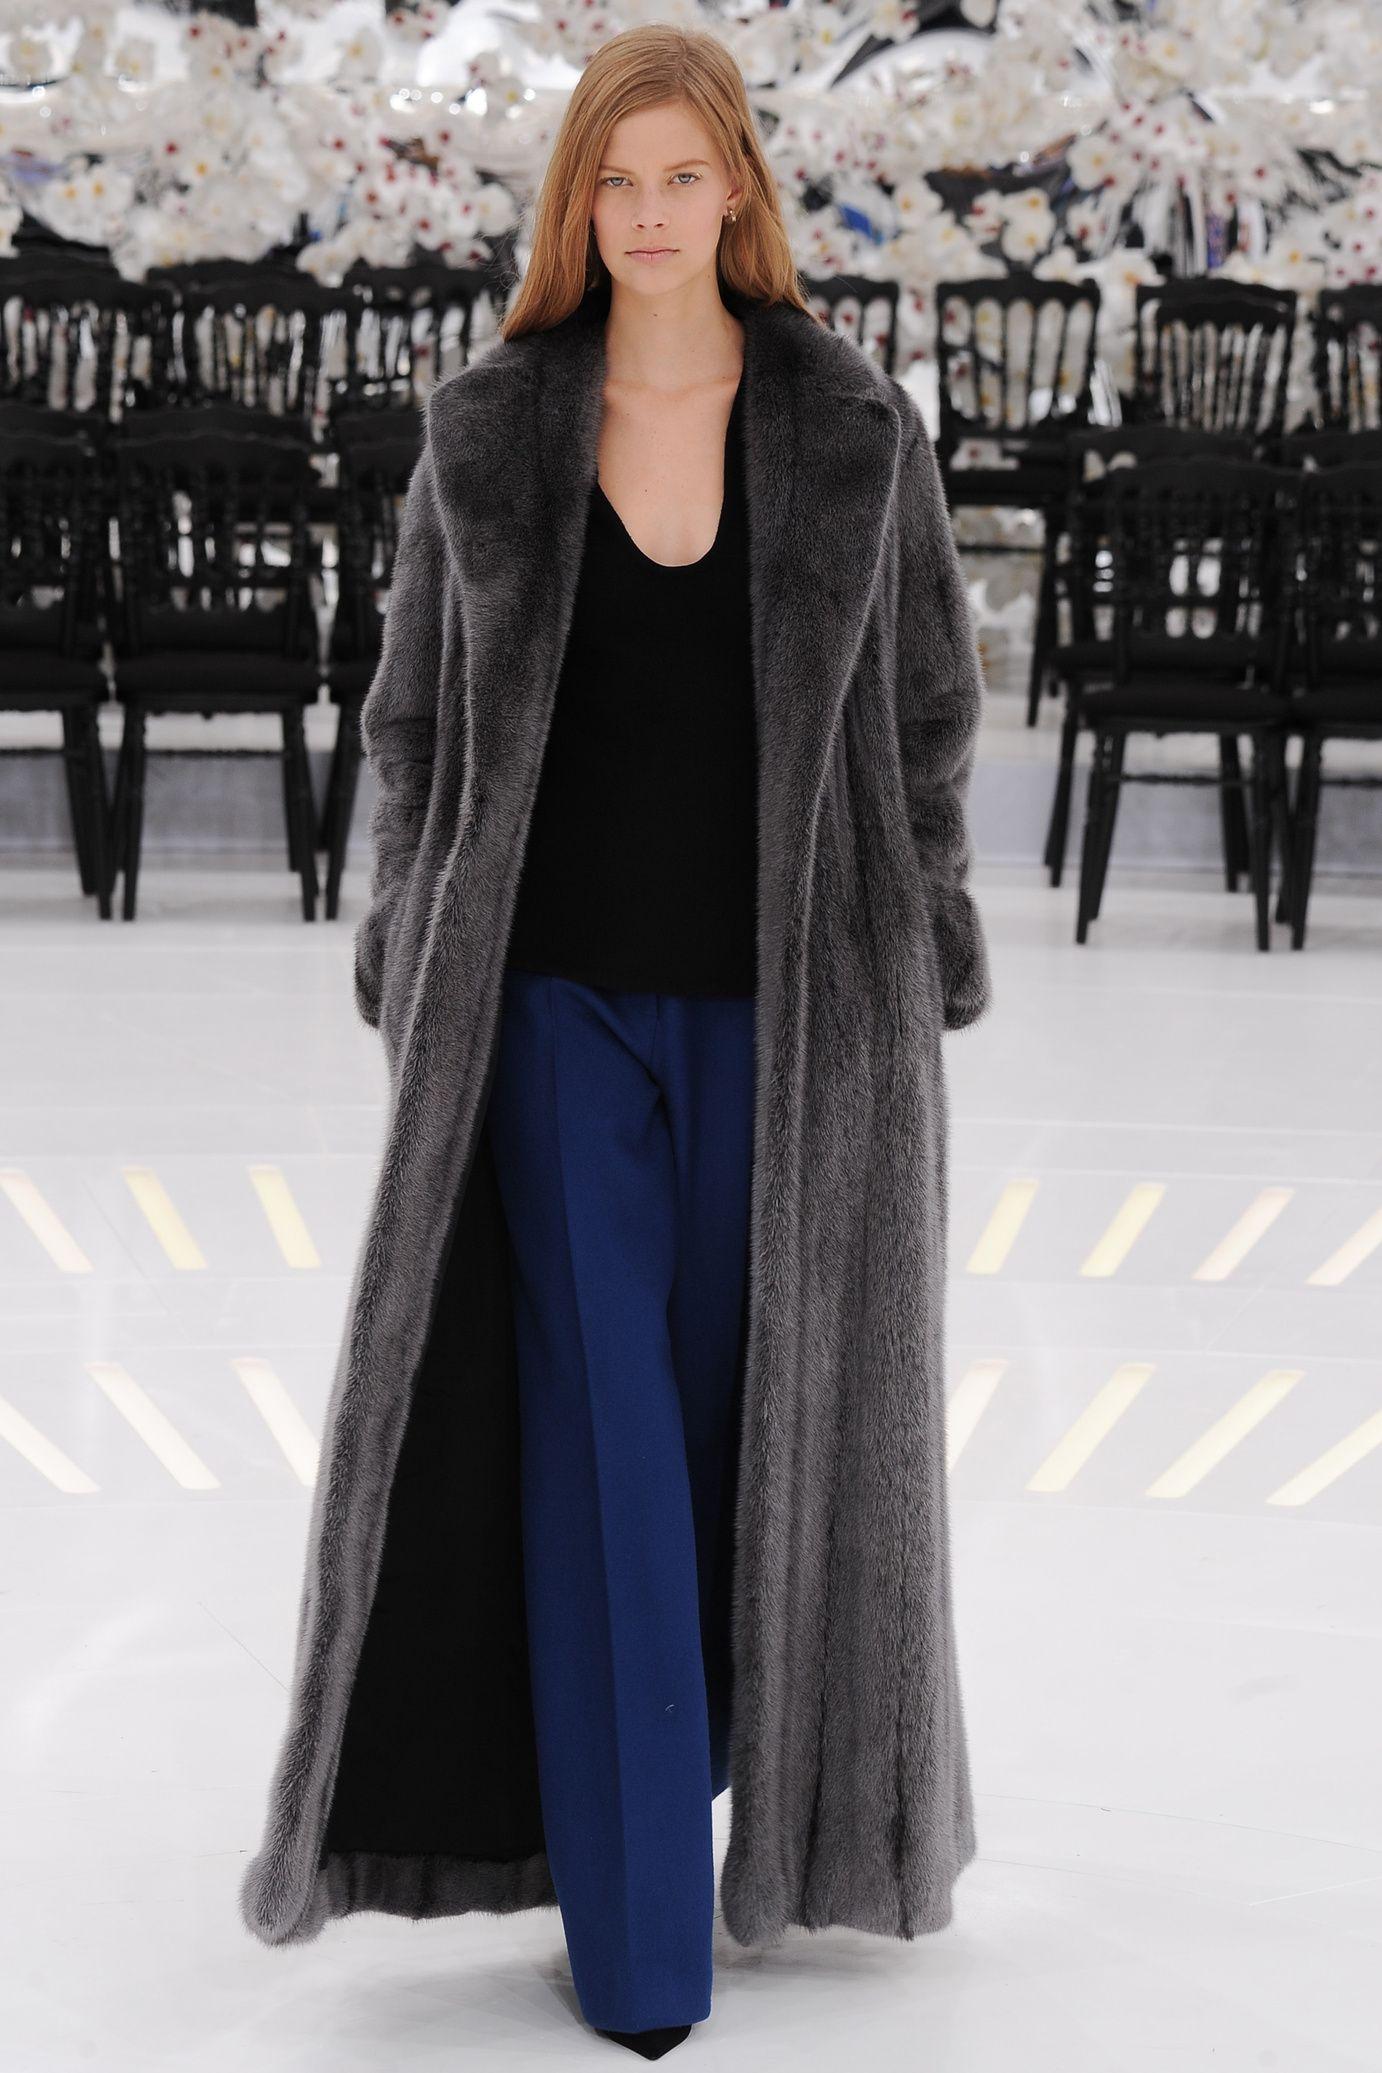 Défilé Christian Dior Automne-Hiver 2014-2015